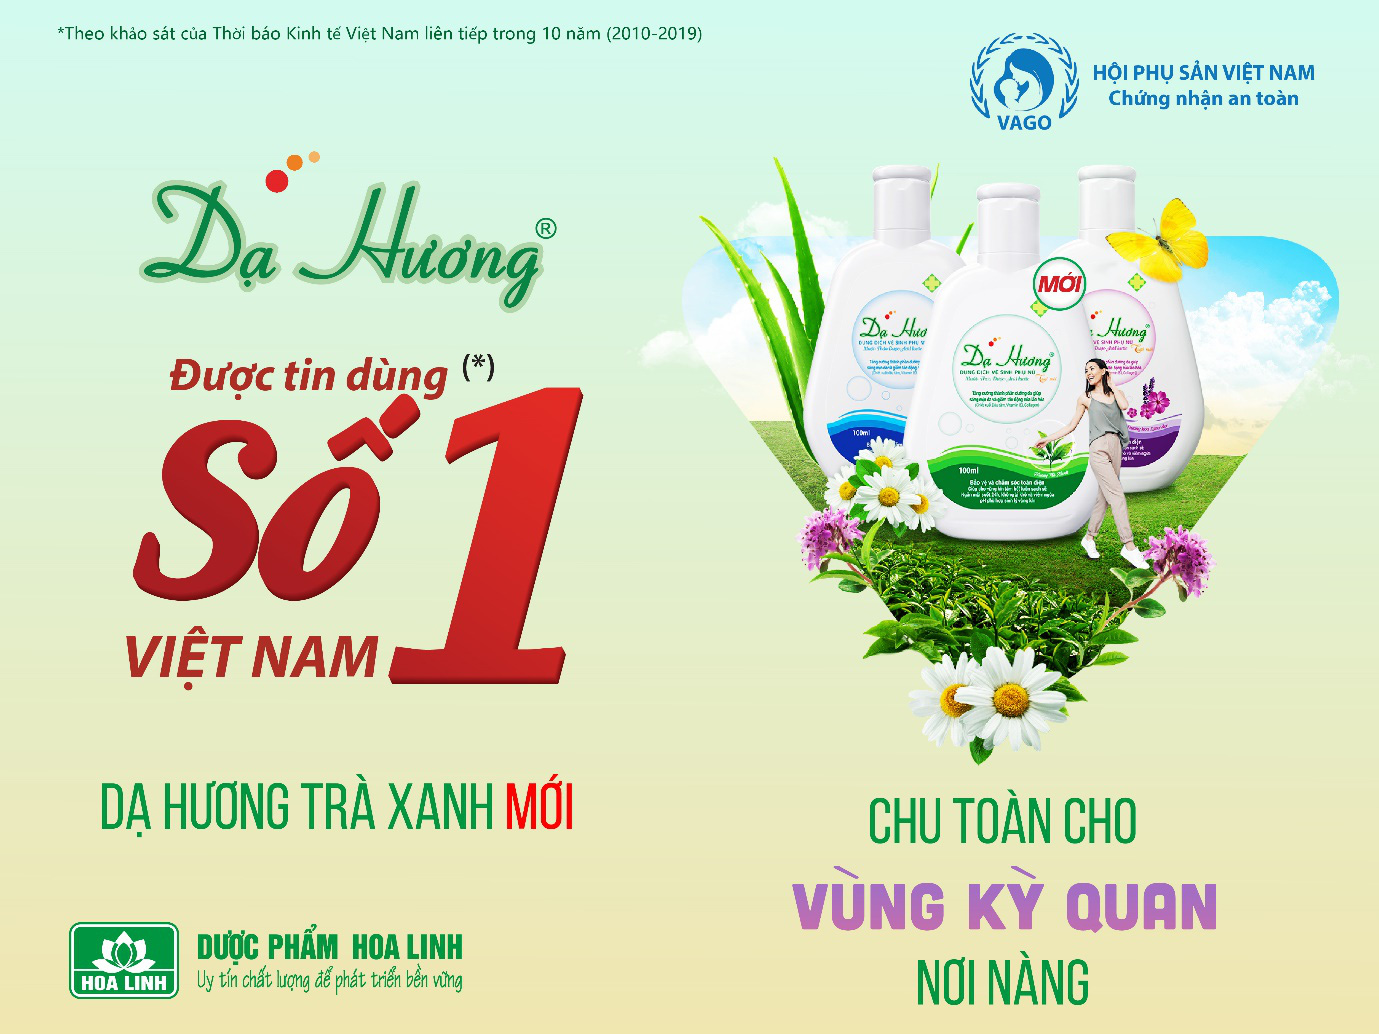 Dạ Hương giữ vững vị thế được tin dùng số 1 Việt Nam 12 năm liên tiếp - Ảnh 2.